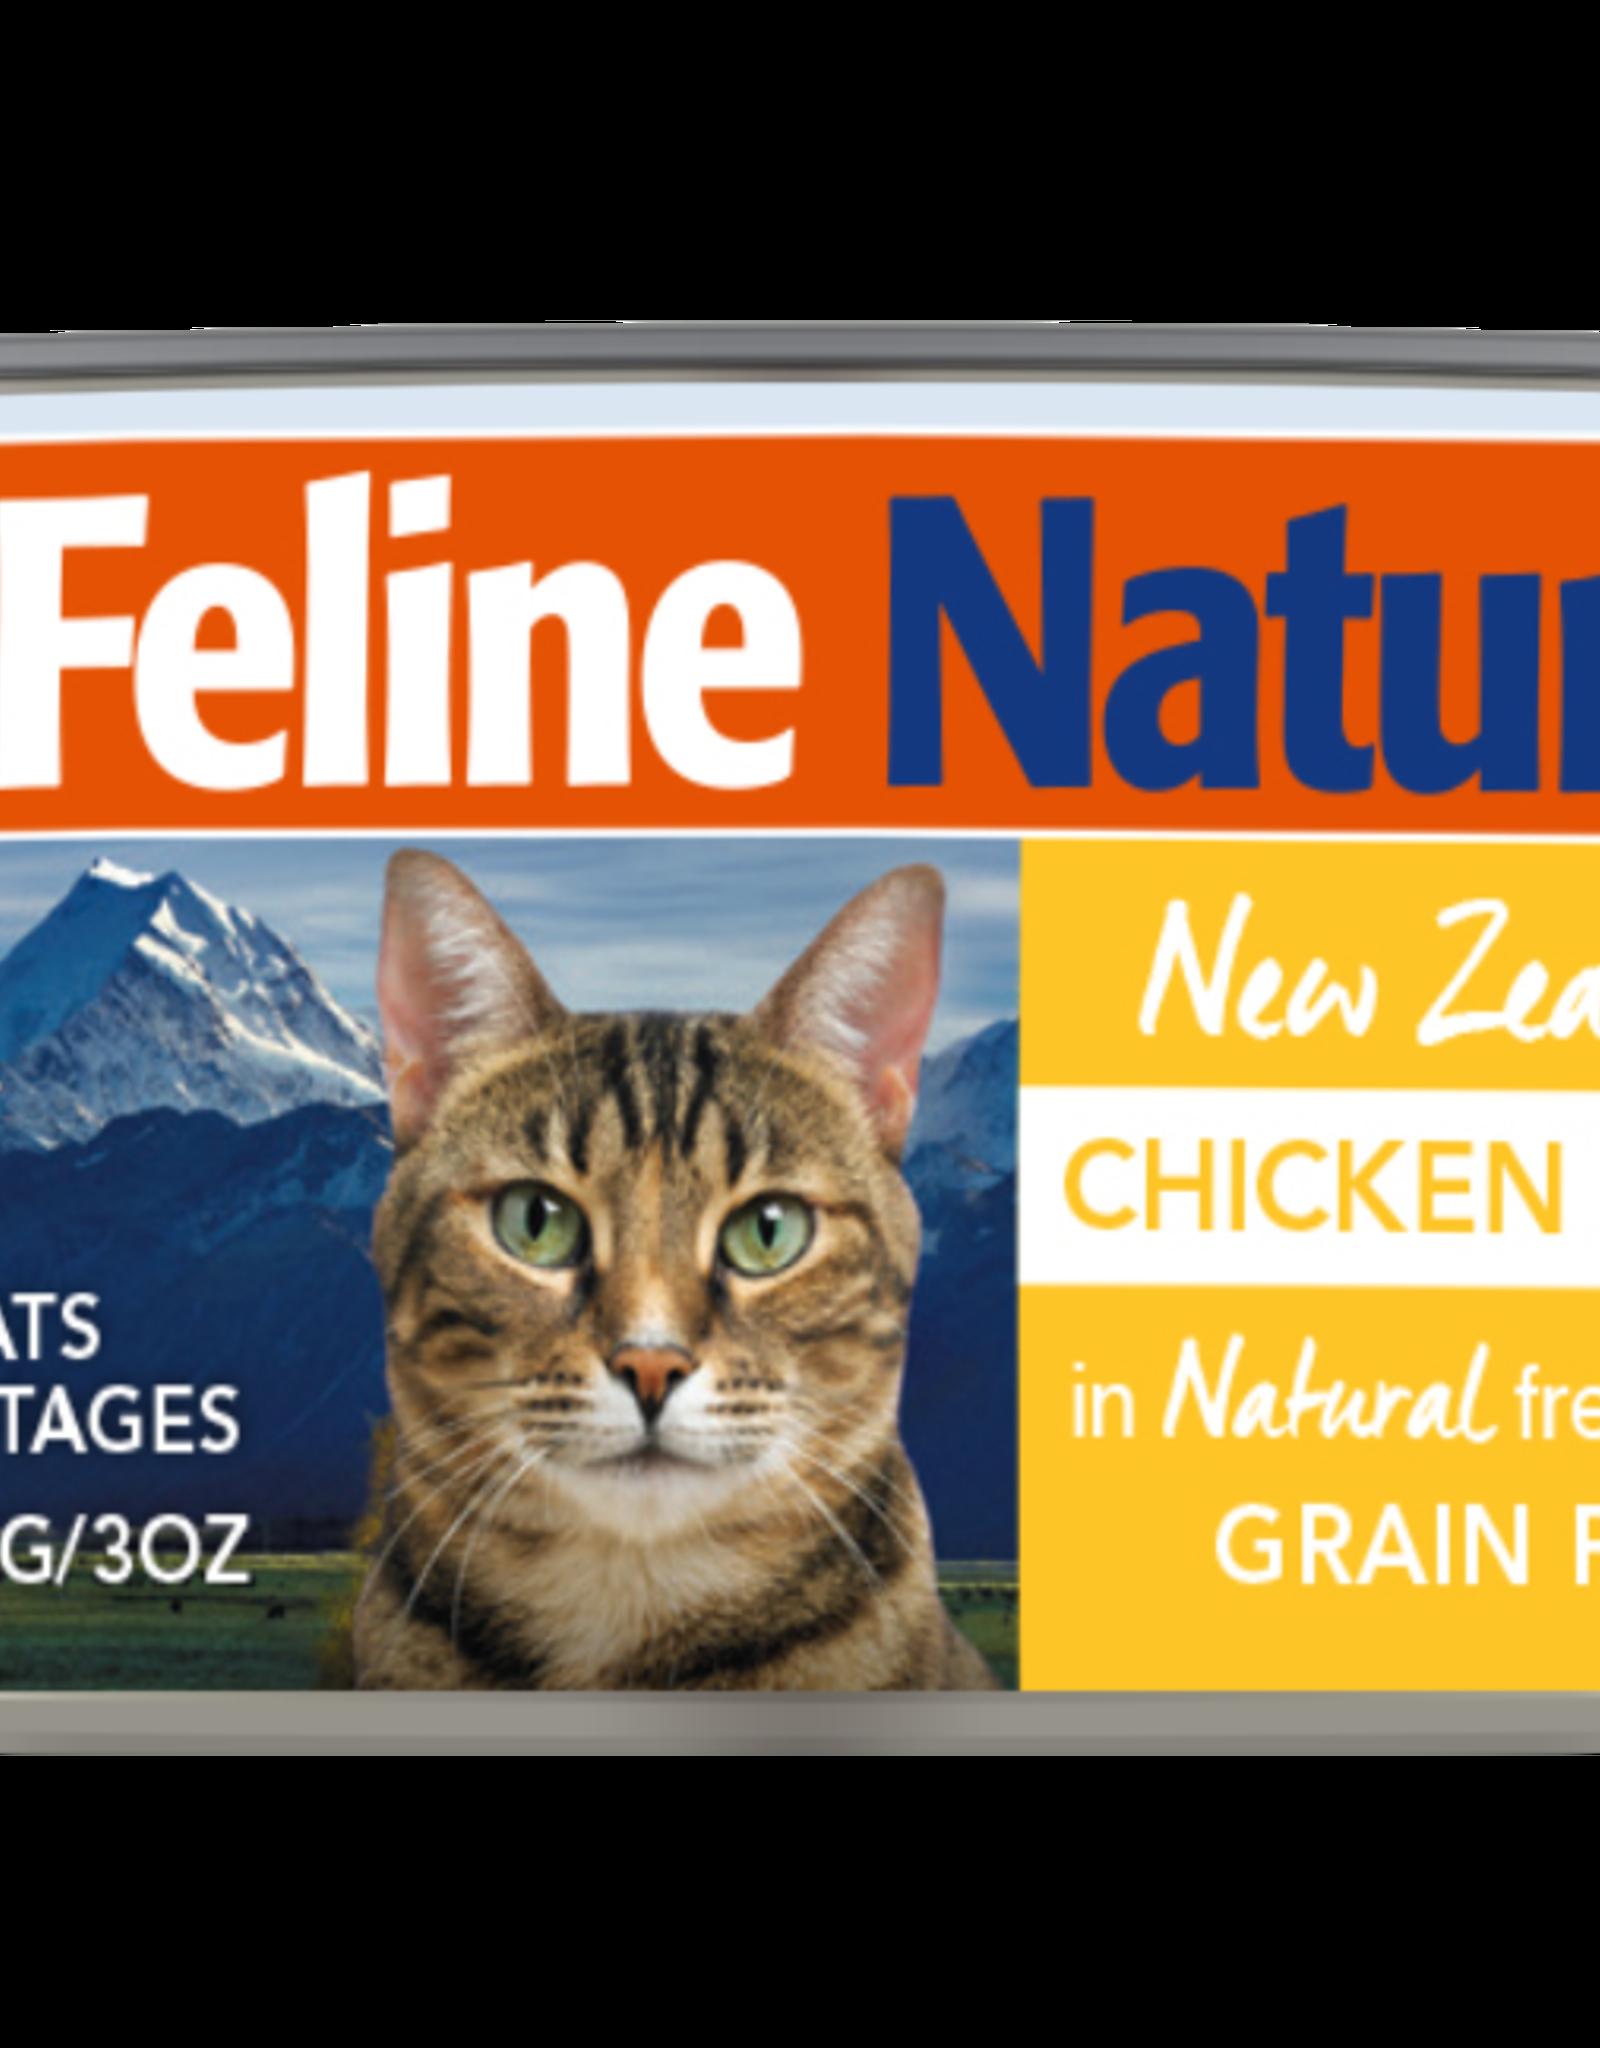 K9 Natural Feline Natural Chicken Cans